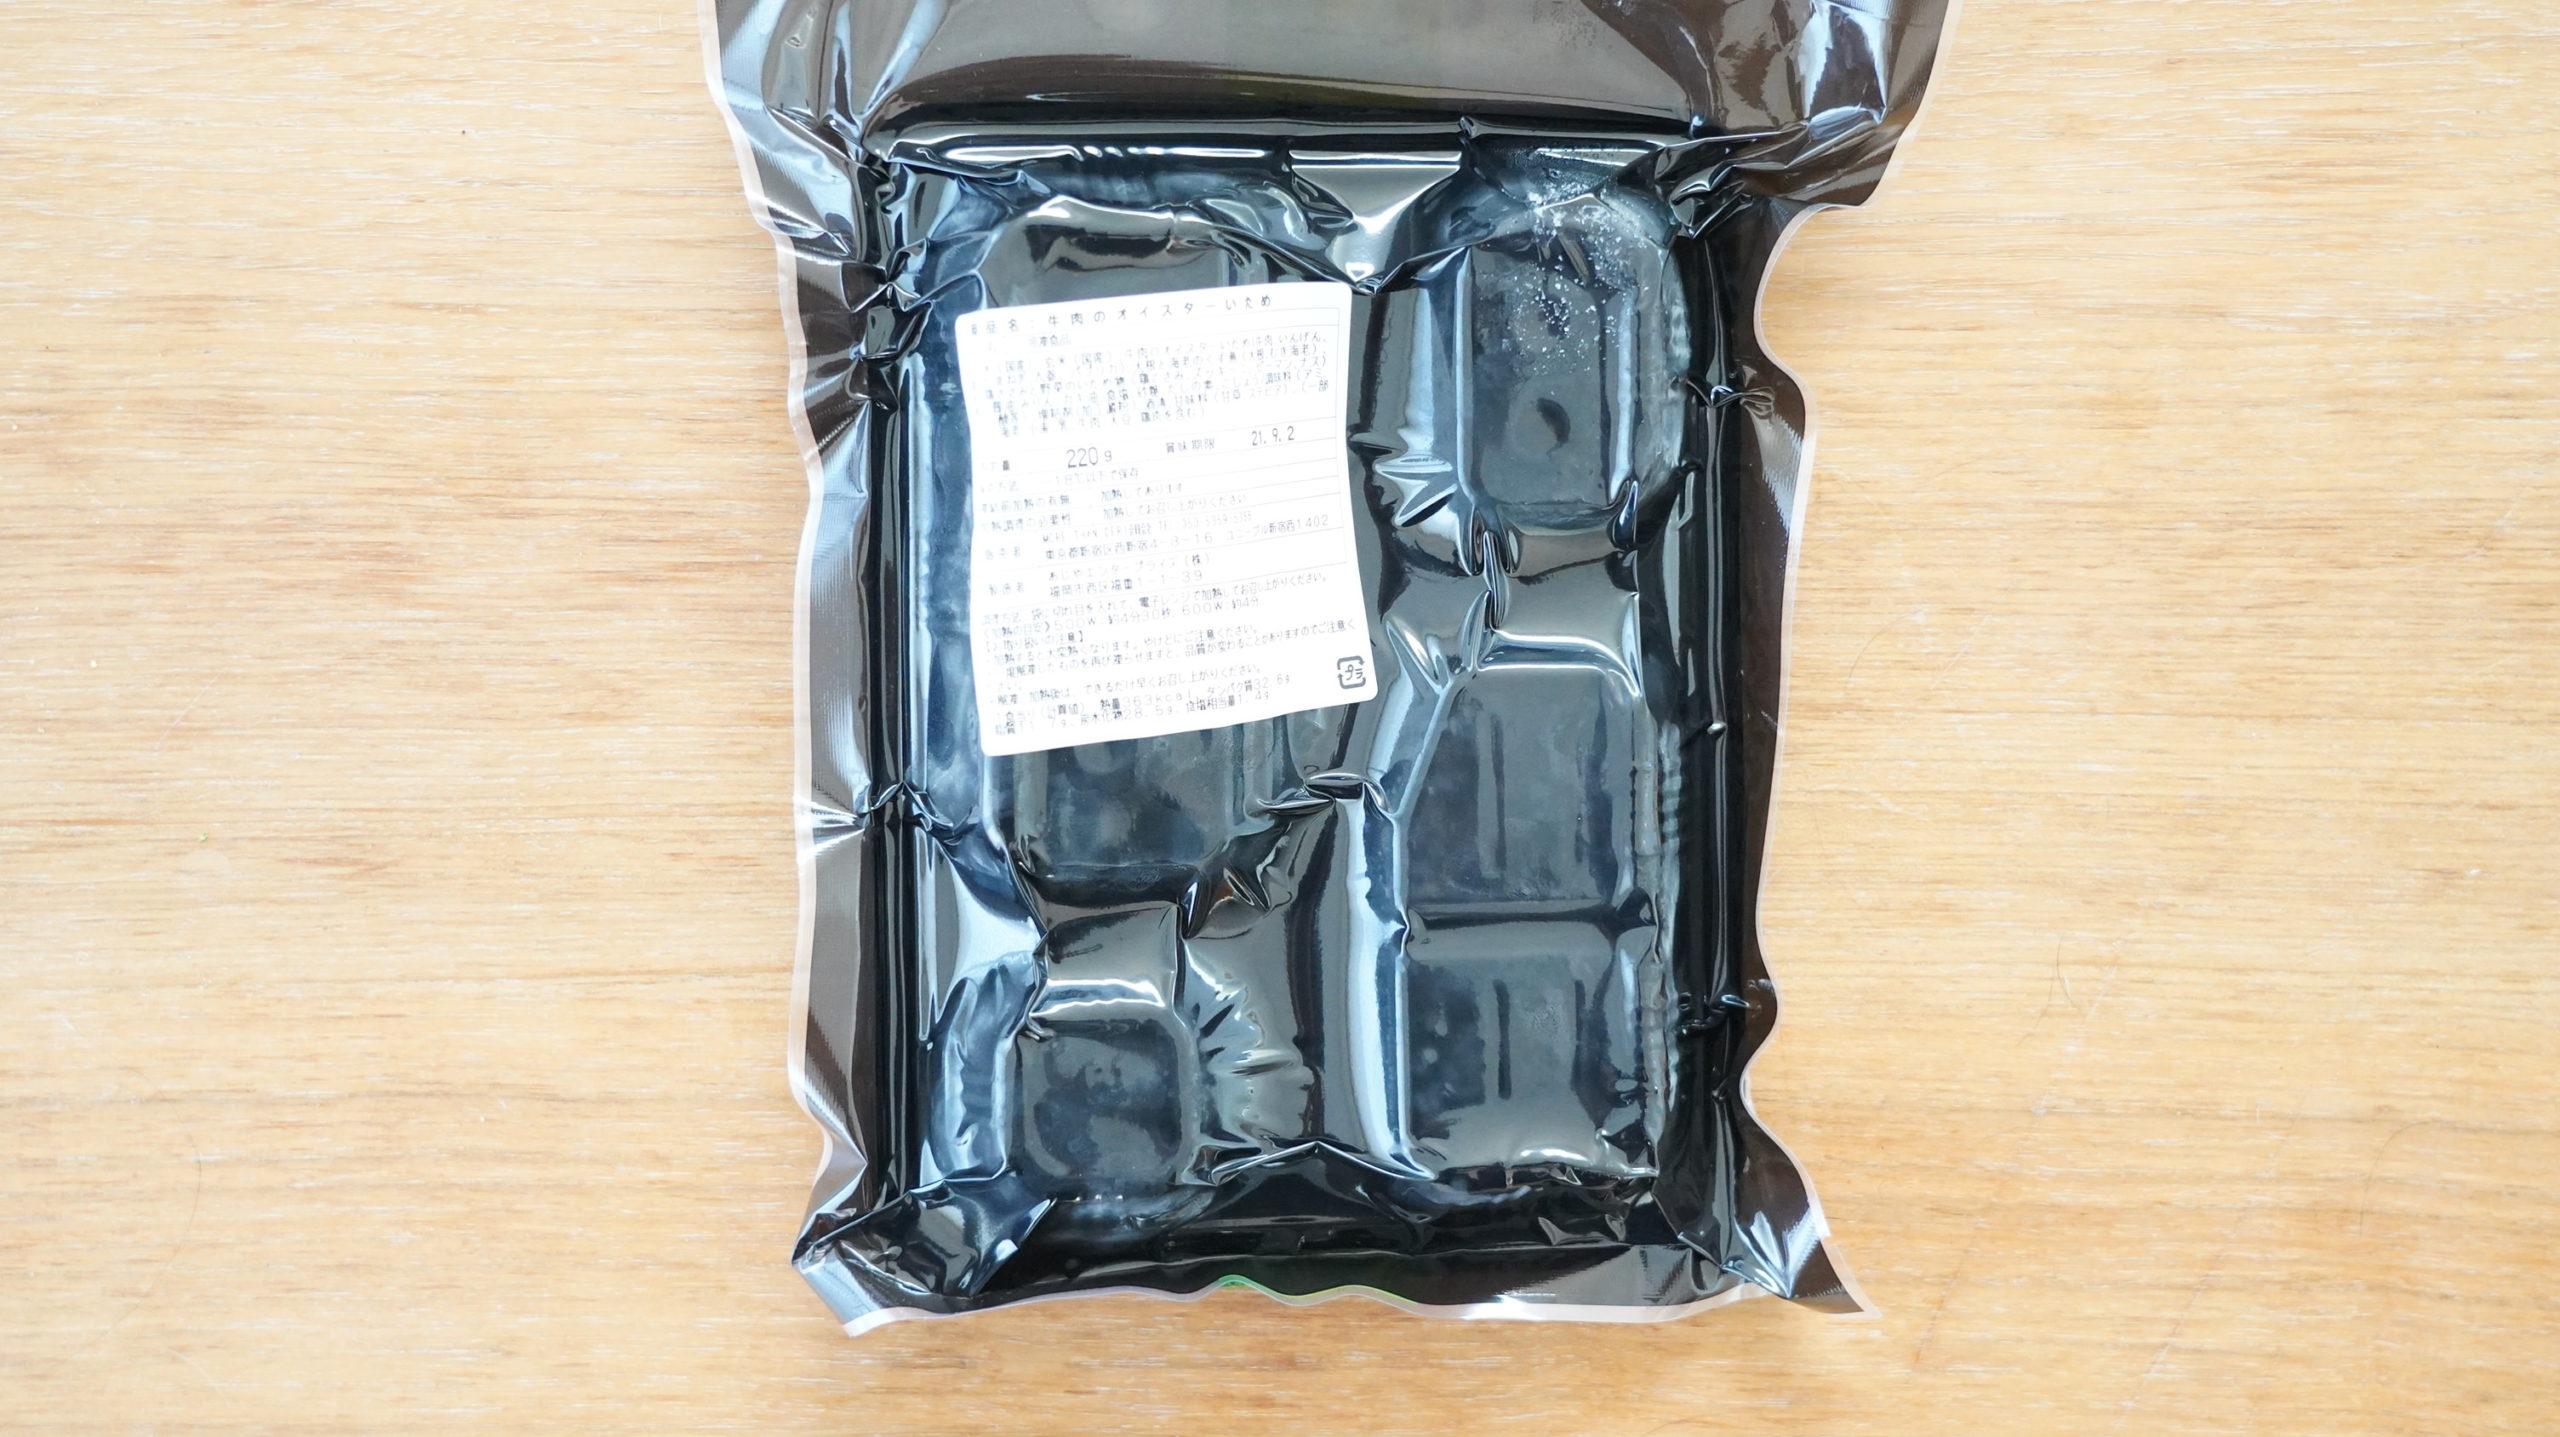 More than Deli(モアザンデリ)の冷凍弁当「牛肉のオイスターいため」のパッケージ裏面の写真